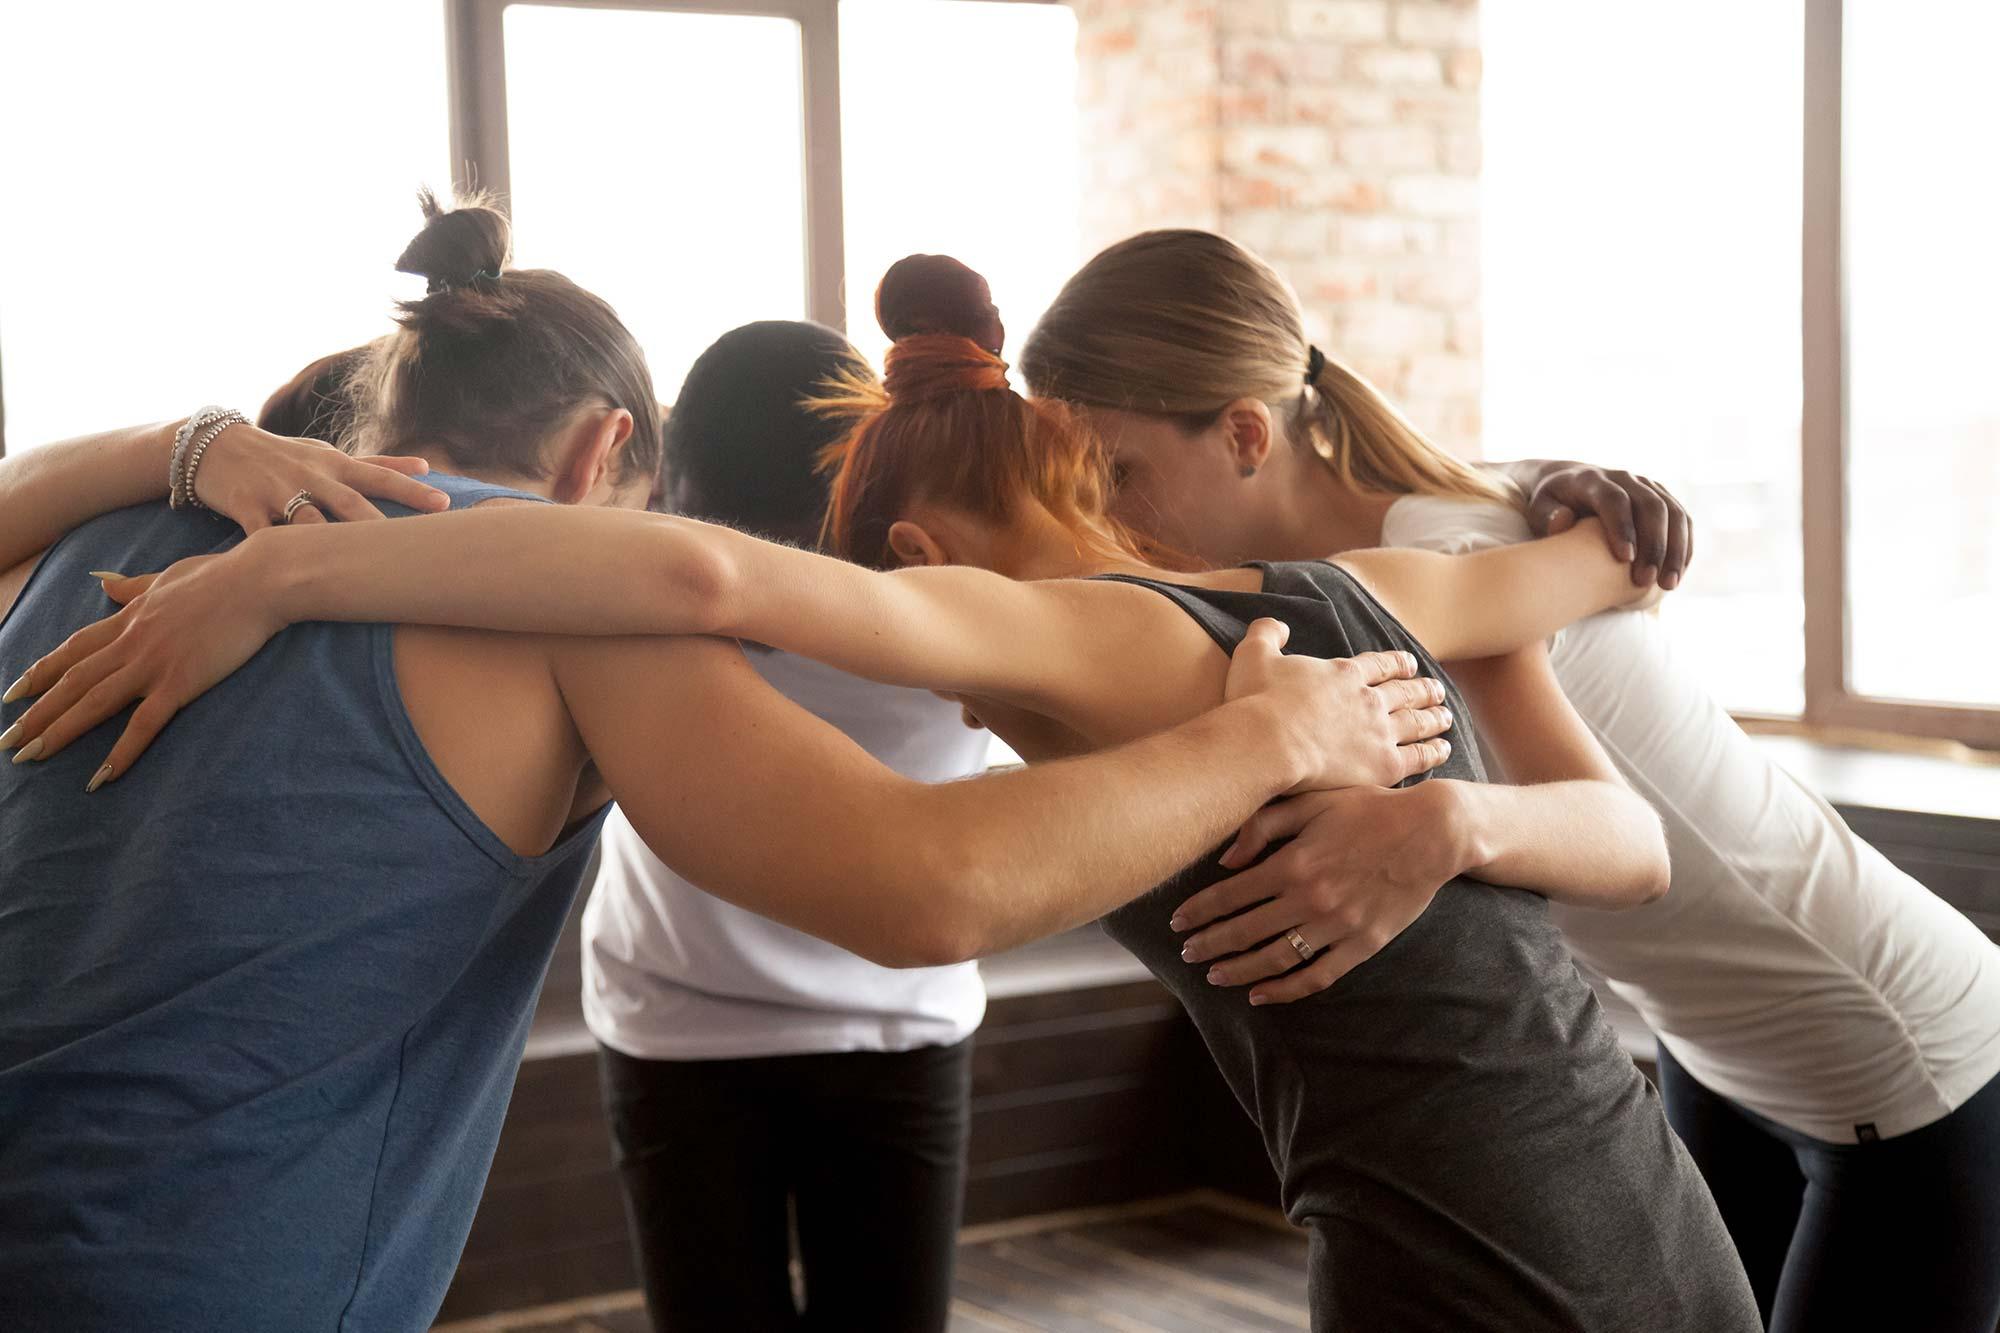 Gruppe von jungen Frauen, im Kreis stehend, einander umarmend, Gemeinschaft